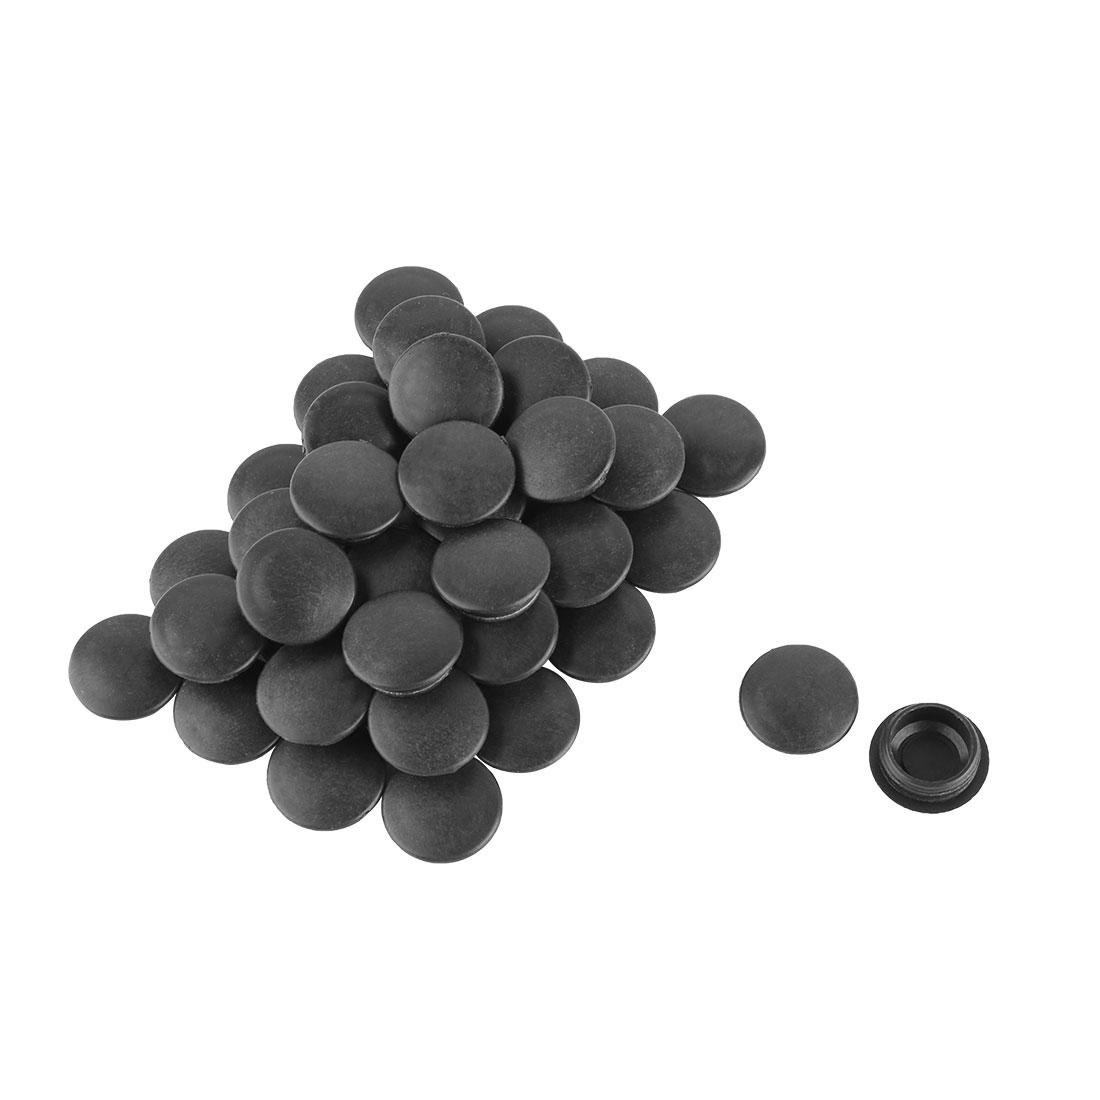 Plastic Flush Type Locking Hole Caps Covers Bung Tube Insert Black 17mm Dia 40pcs